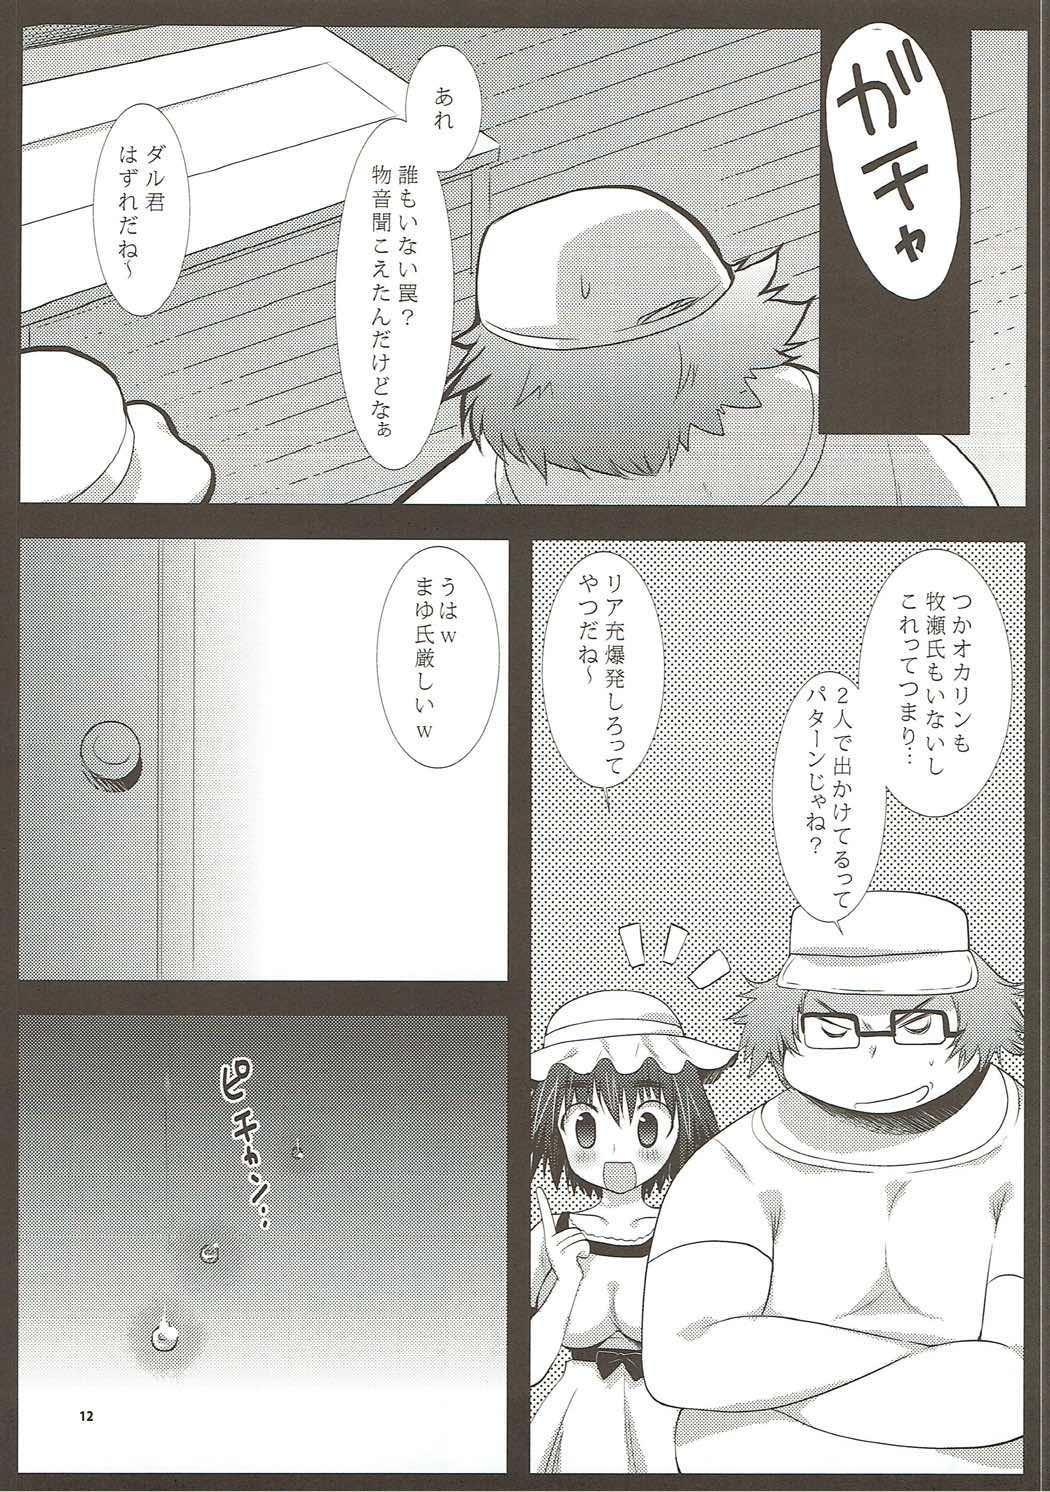 Ore no Joshu no Dere ga Uchouten de Todomaru Koto o Shiranai 10